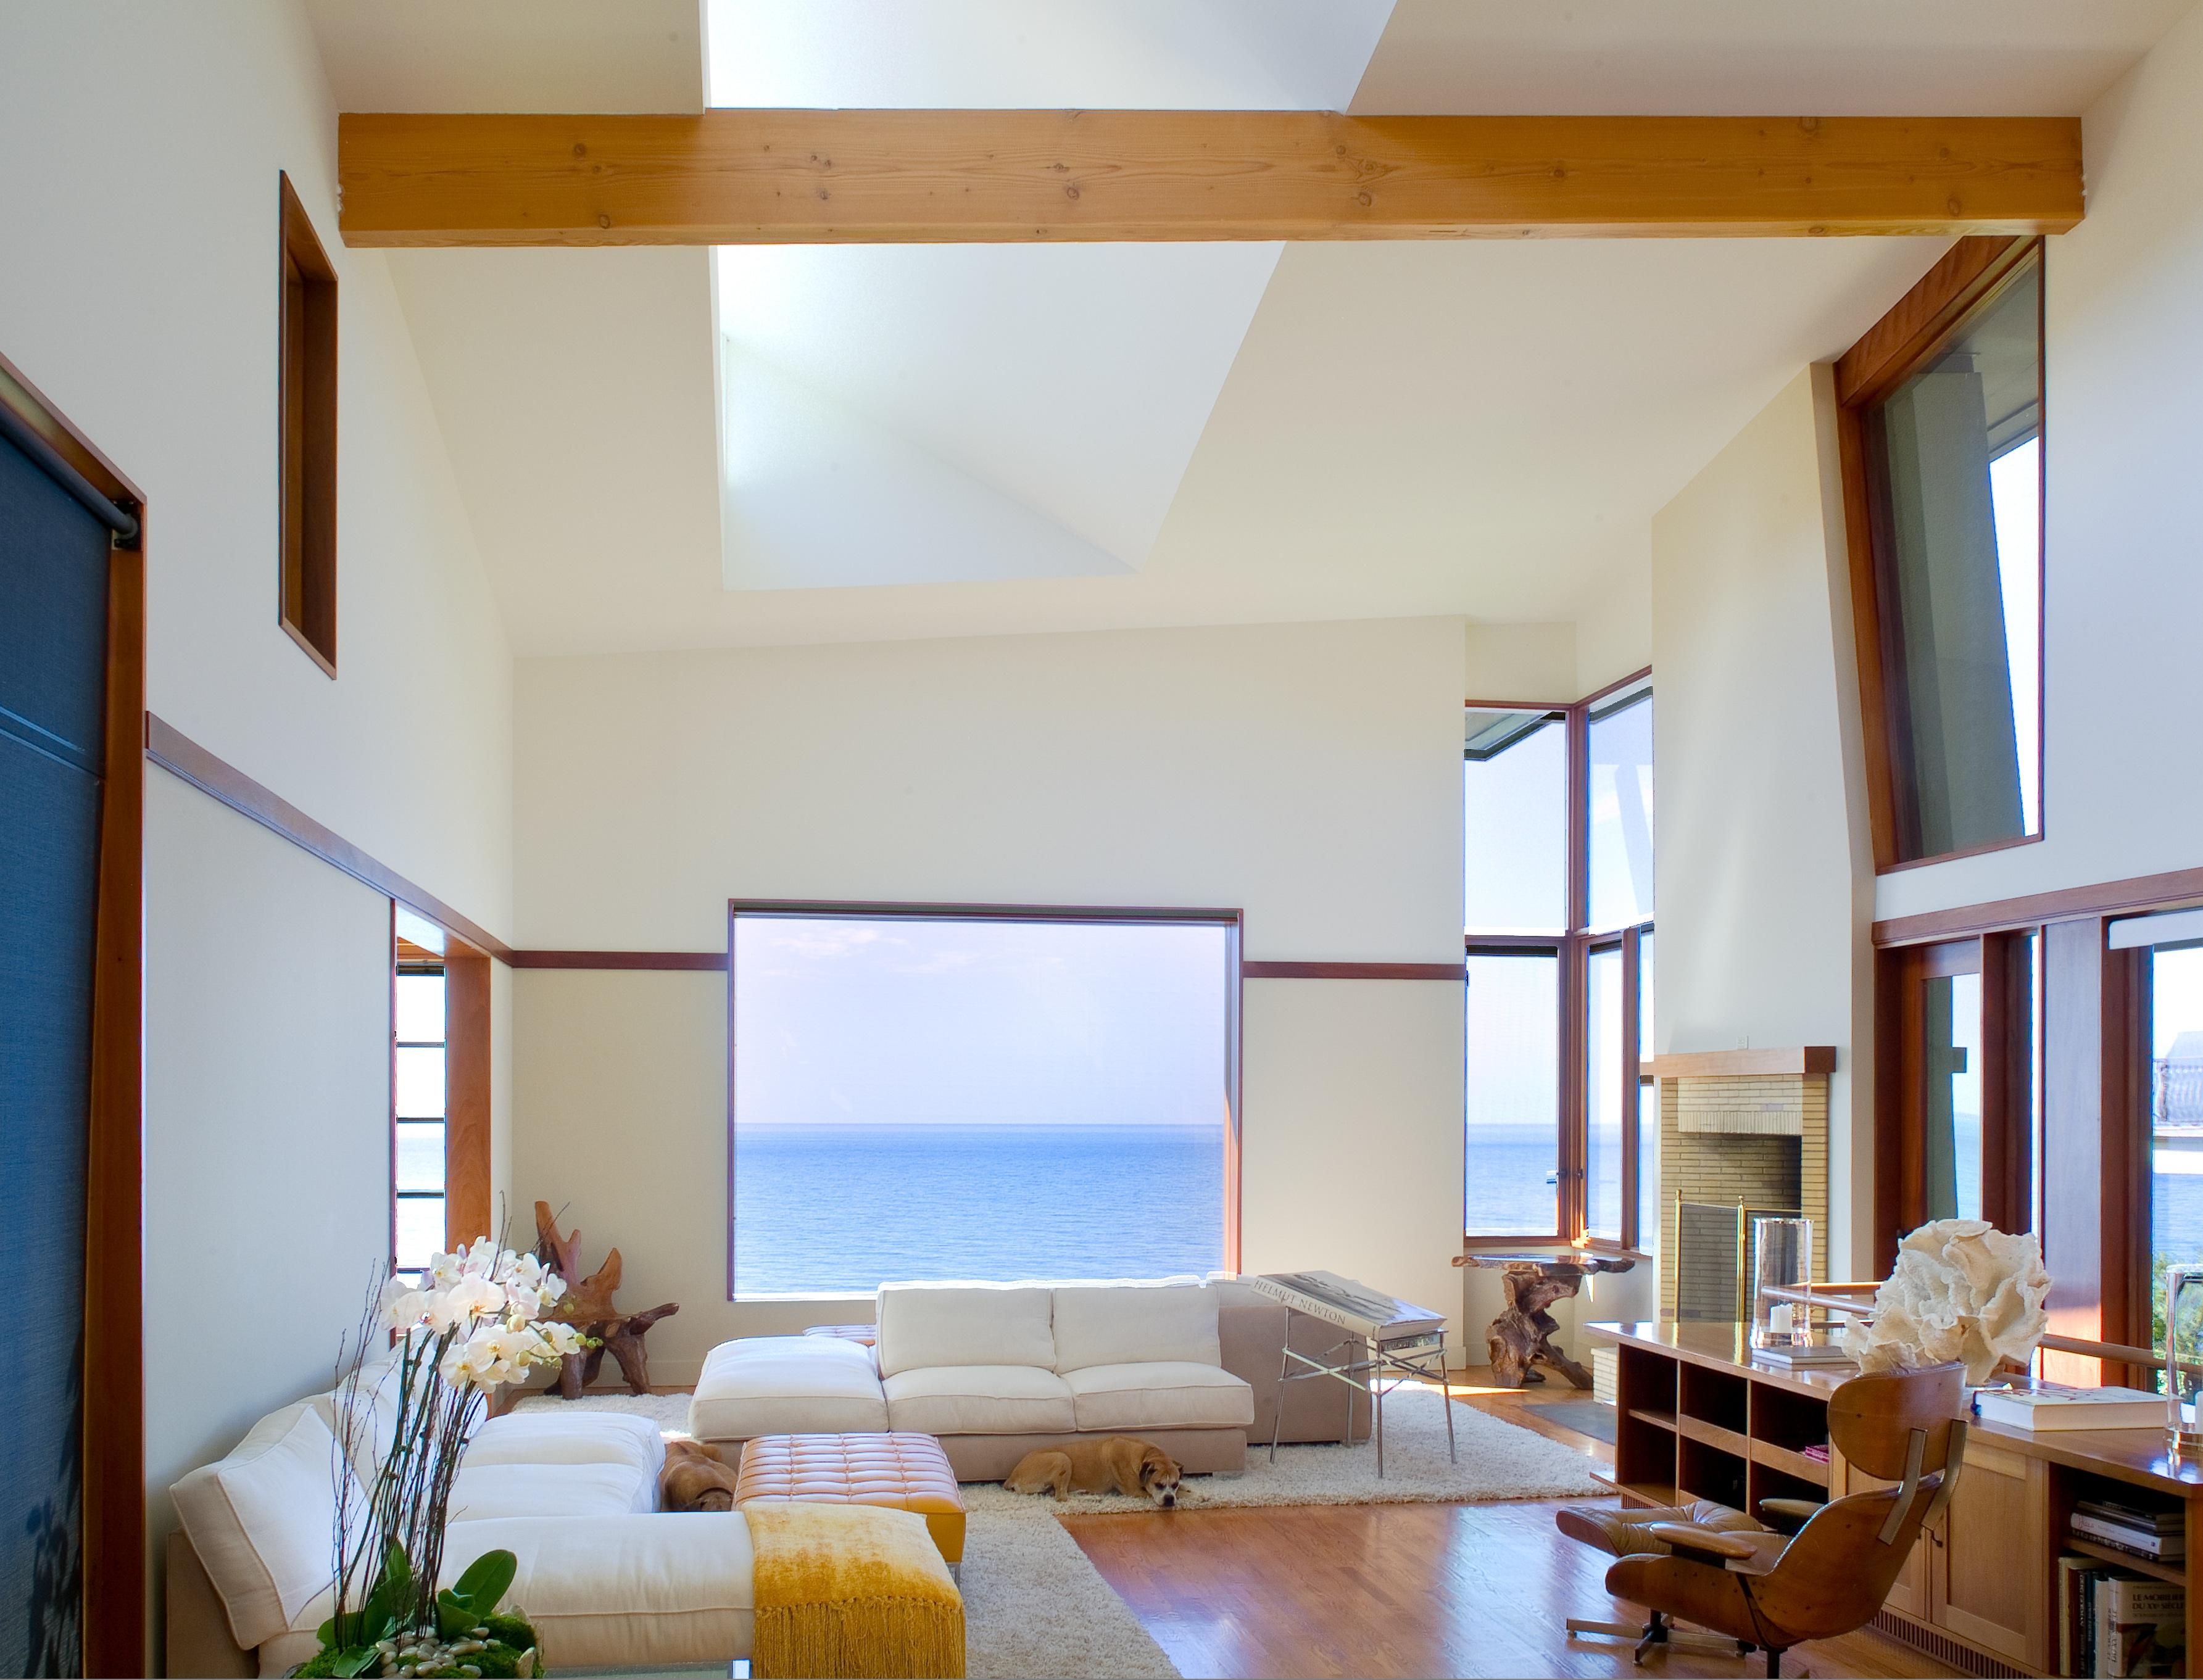 Malibu Architectural